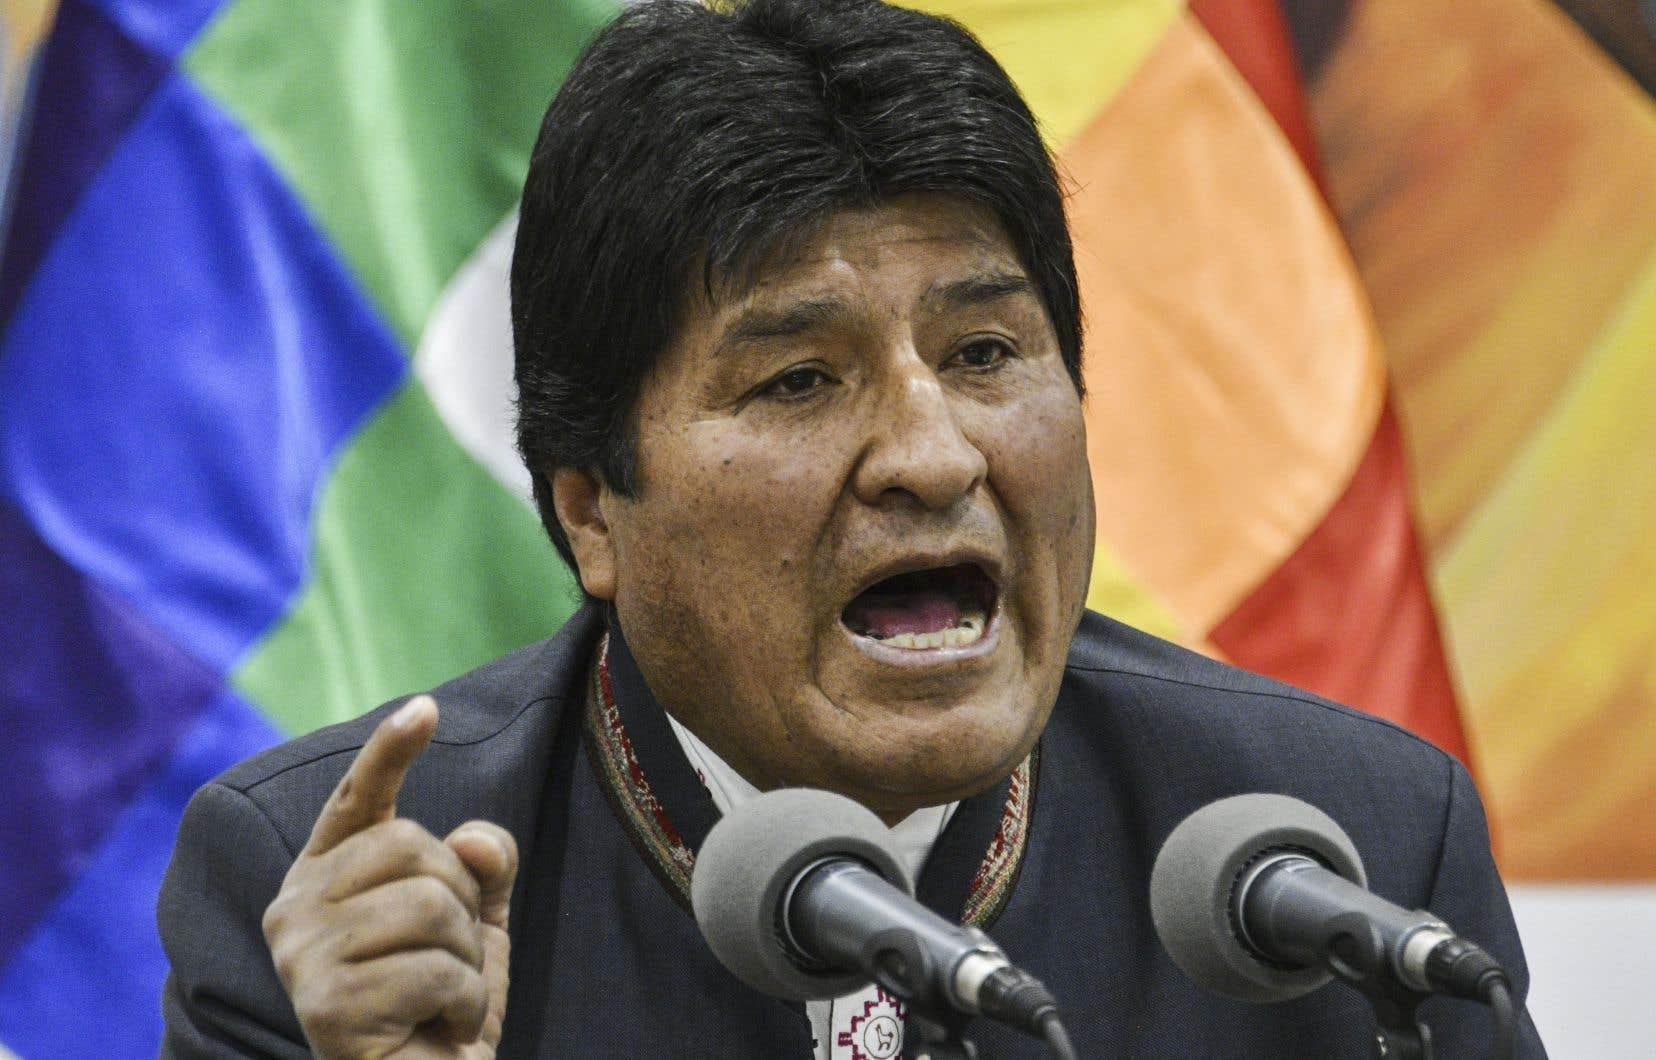 Premier président autochtone des Amériques, Evo Morales semble transgresser les règles démocratiques pour protéger la modernité qu'il a instaurée en Bolivie au cours des 13 dernières années.